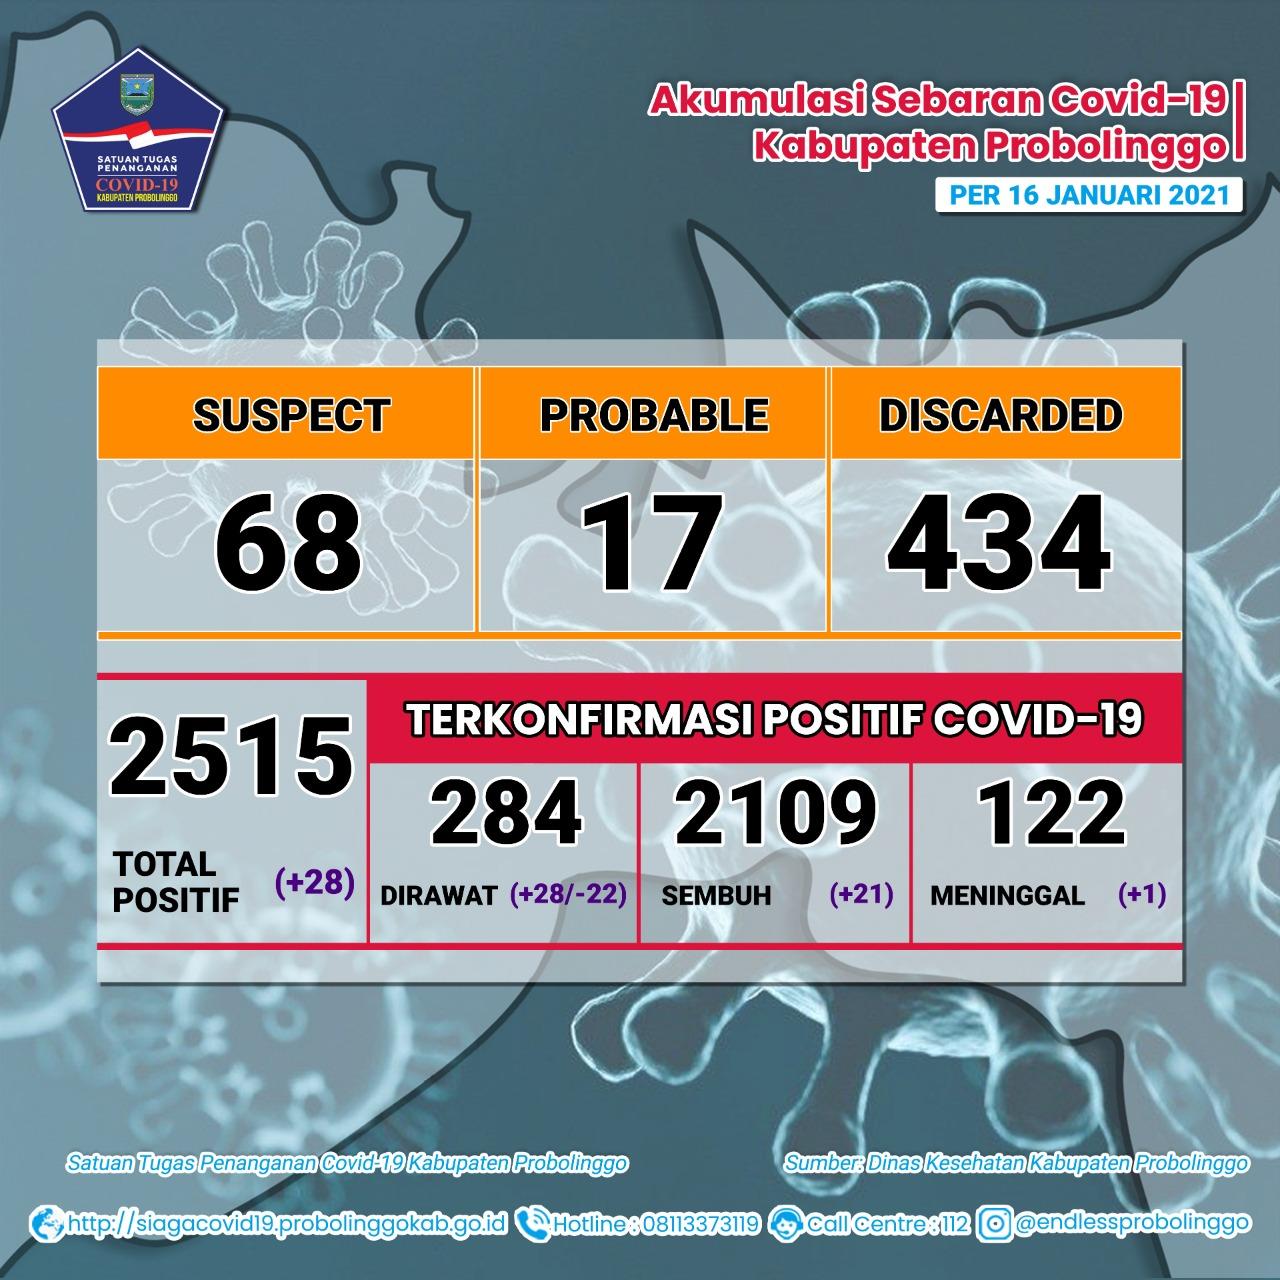 Kecamatan Gending Sumbang Kasus Kesembuhan Harian Covid-19 Terbanyak